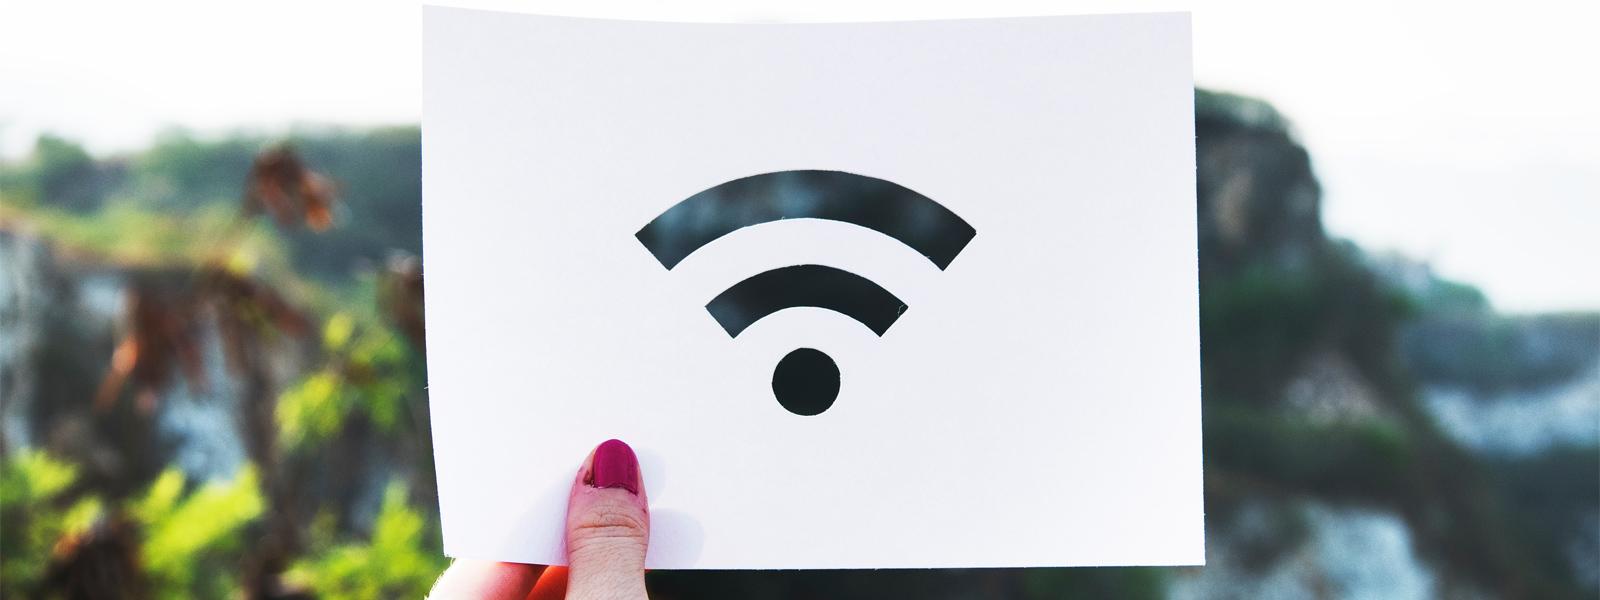 wireless secure von Ingerson Consulting aus Düsseldorf